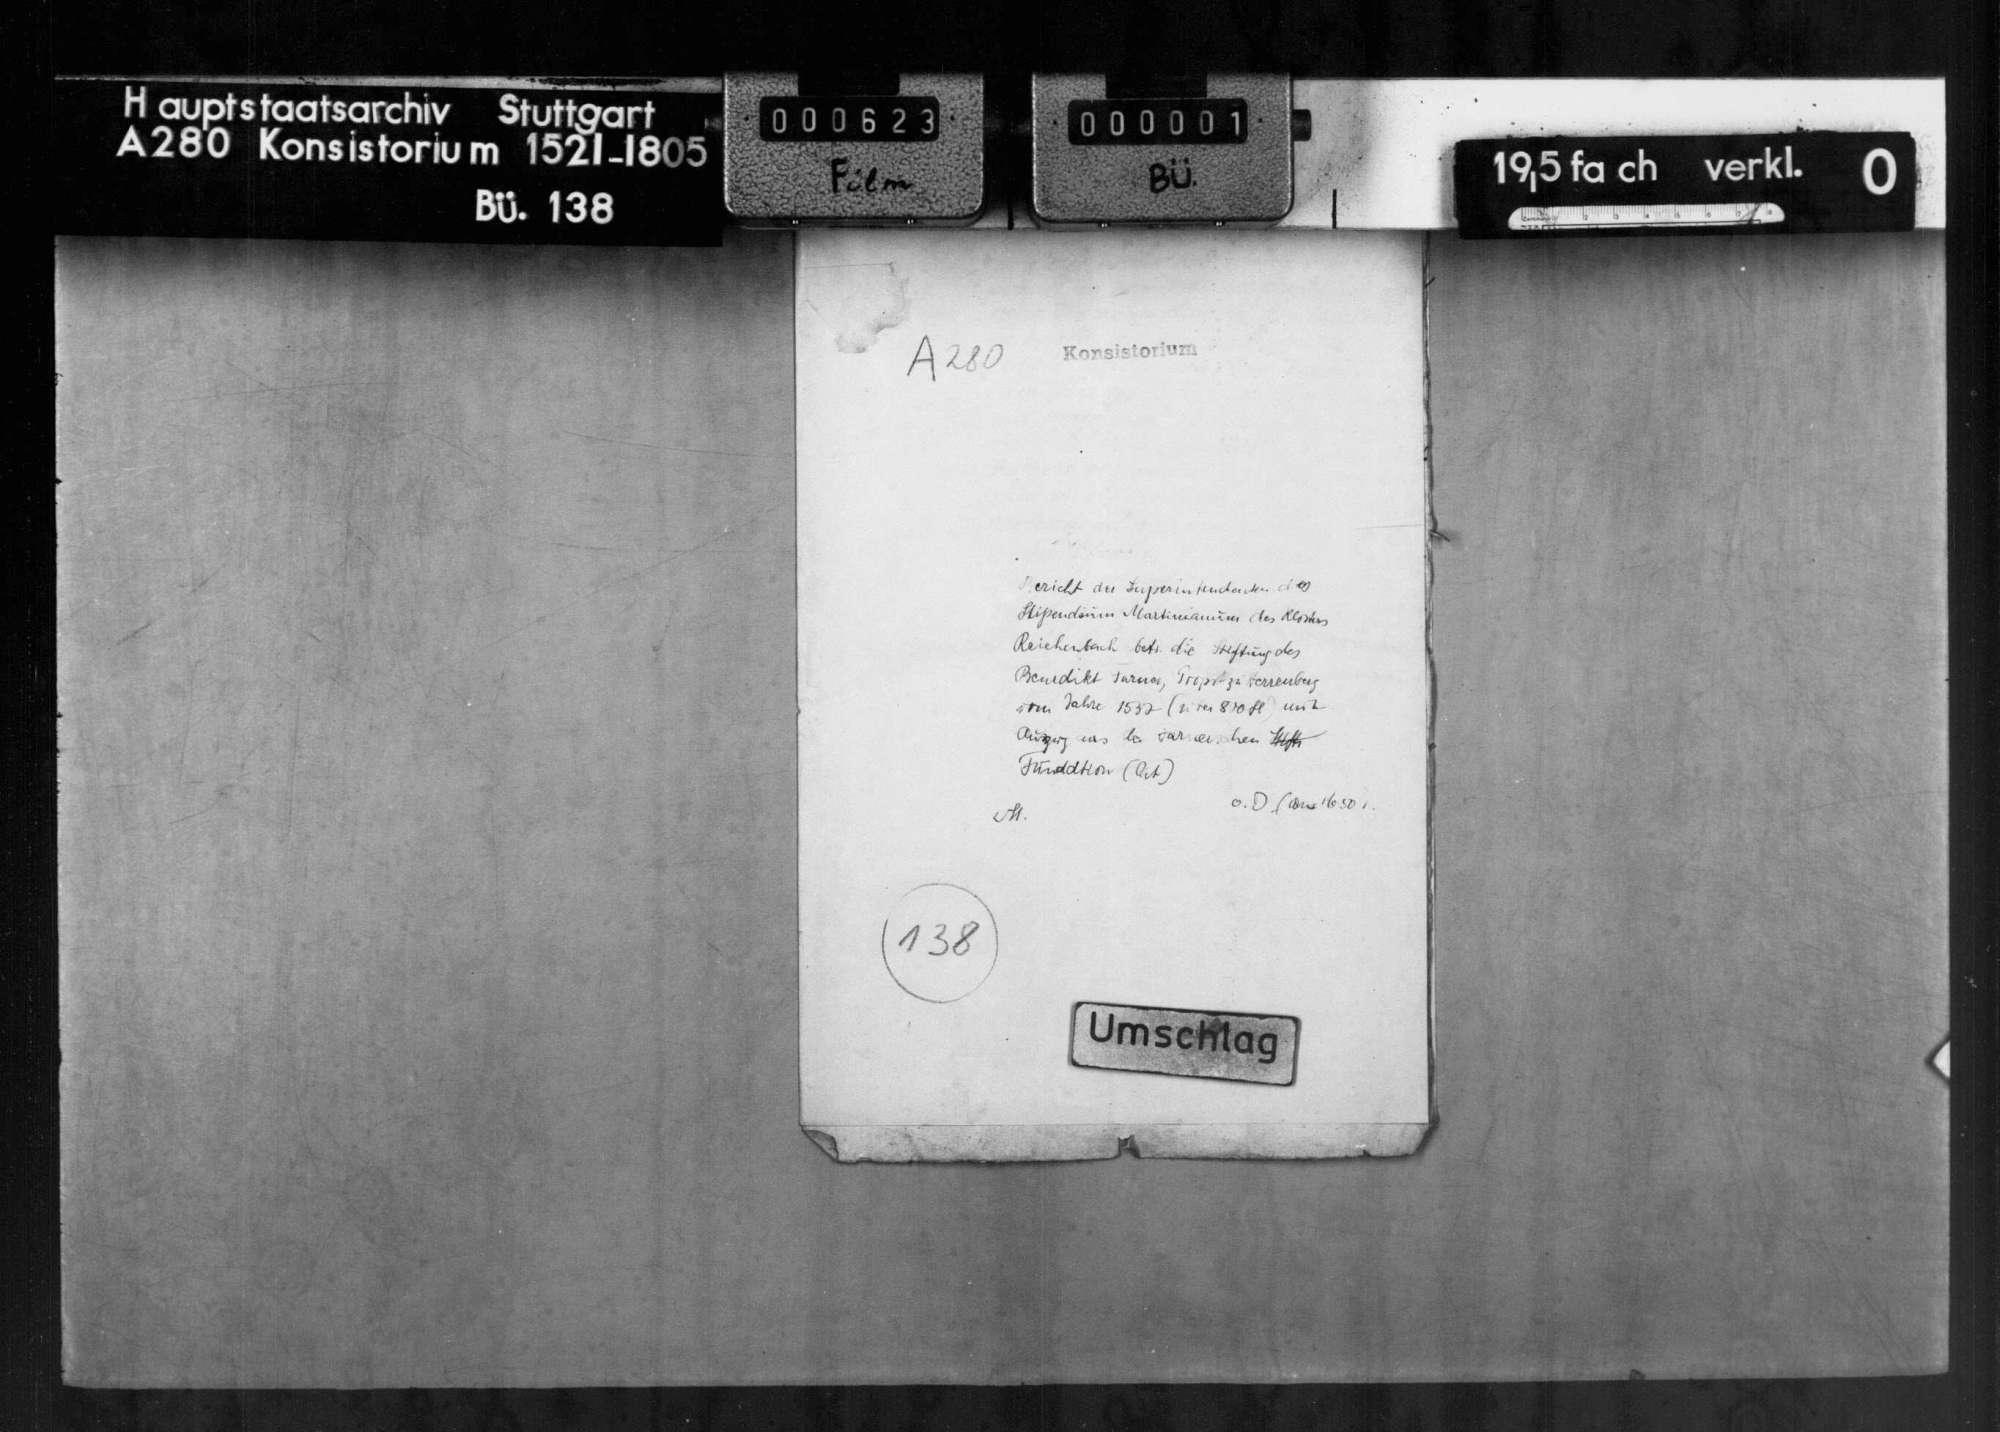 Bericht der Superintendenten des Stipendiums Martinianum des Klosters Reichenbach betr. die Stiftung des Benedikt Farner, Propst zu Herrenberg, vom Jahre 1537 über 800 fl., mit Auszug aus der Fundation ( lat.), Bild 1